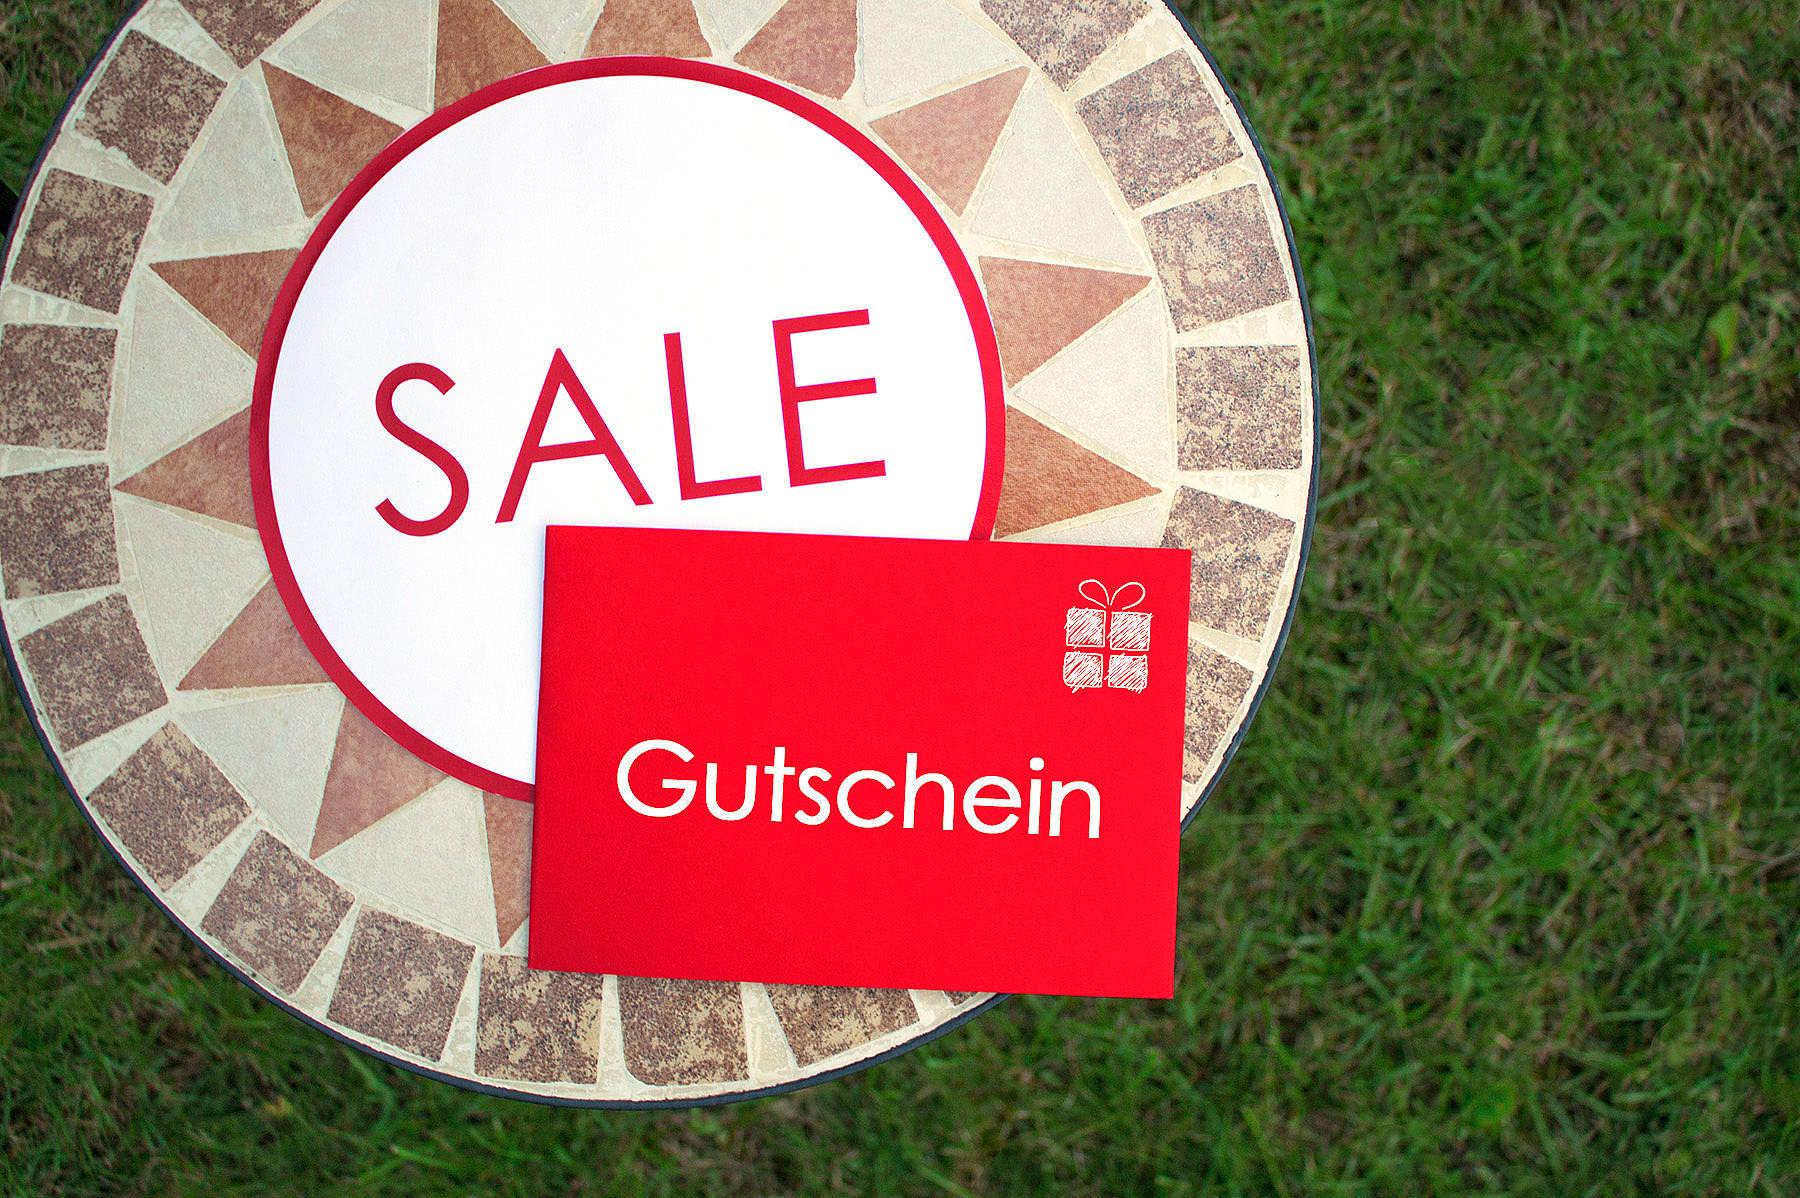 Gutschein-Box Sale